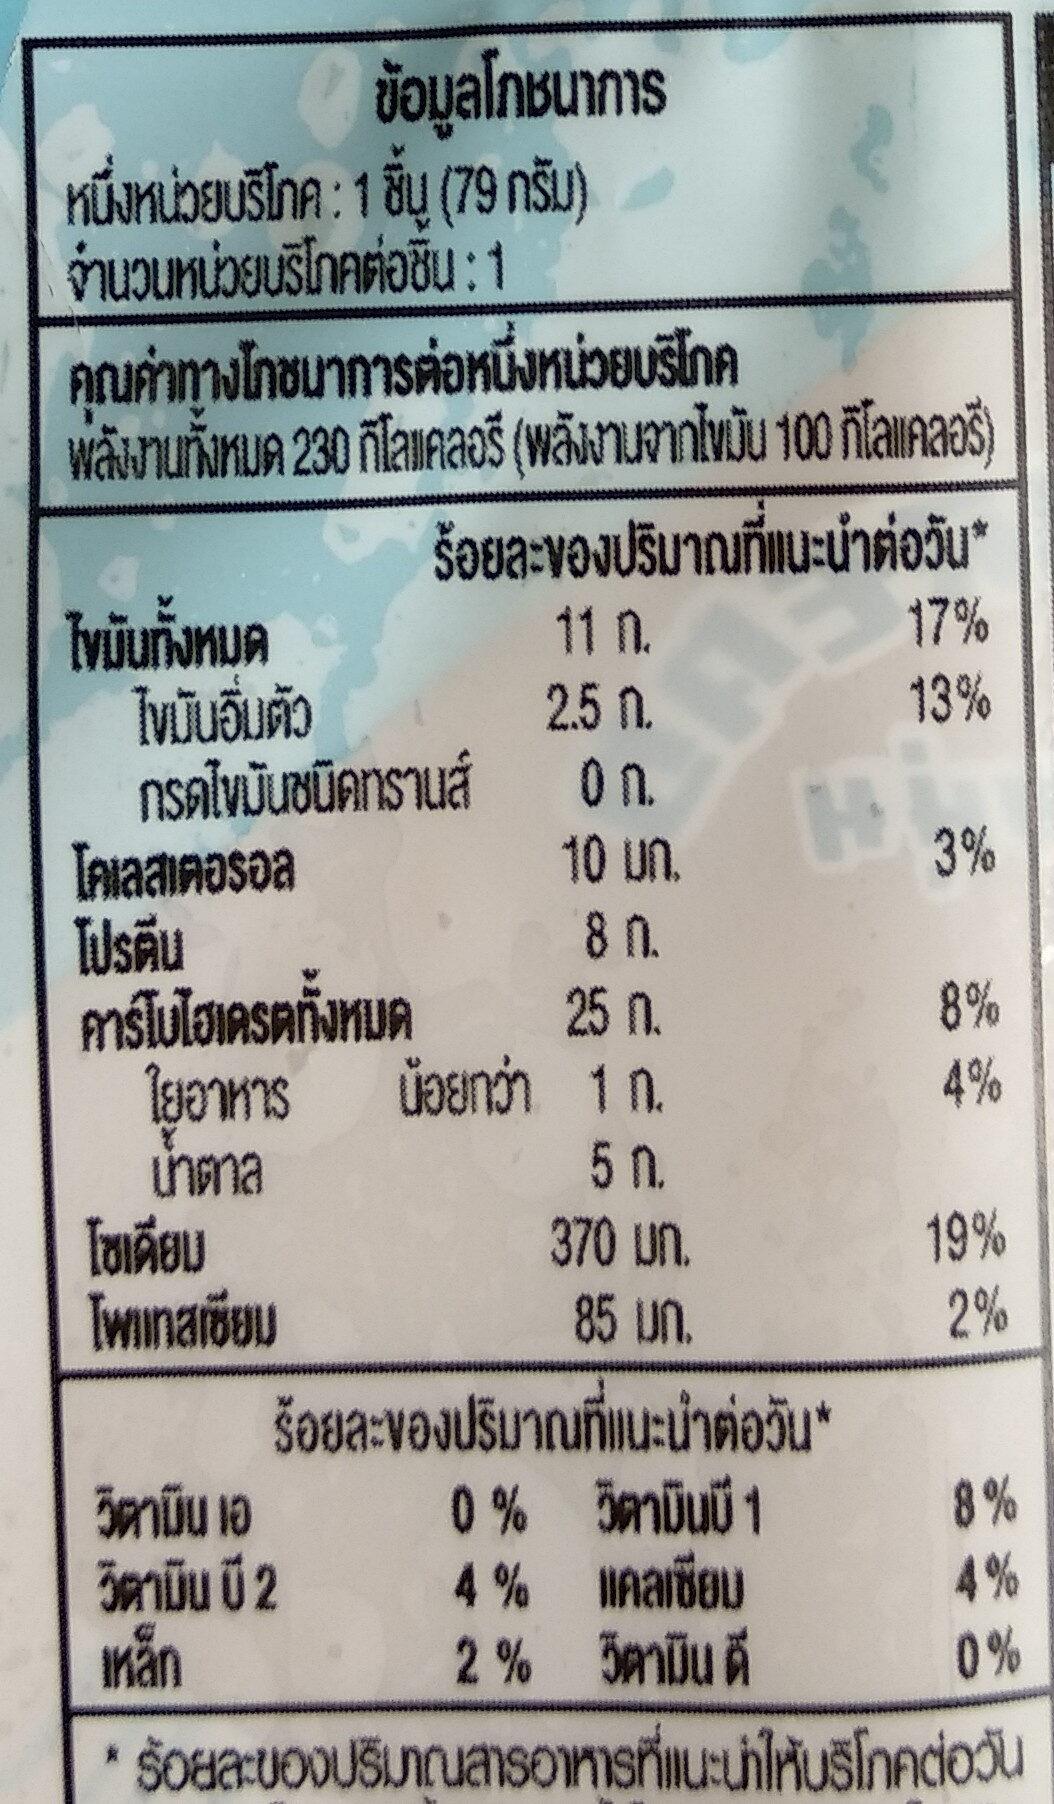 แซนวิชทูน่าสเปรด - Voedingswaarden - th